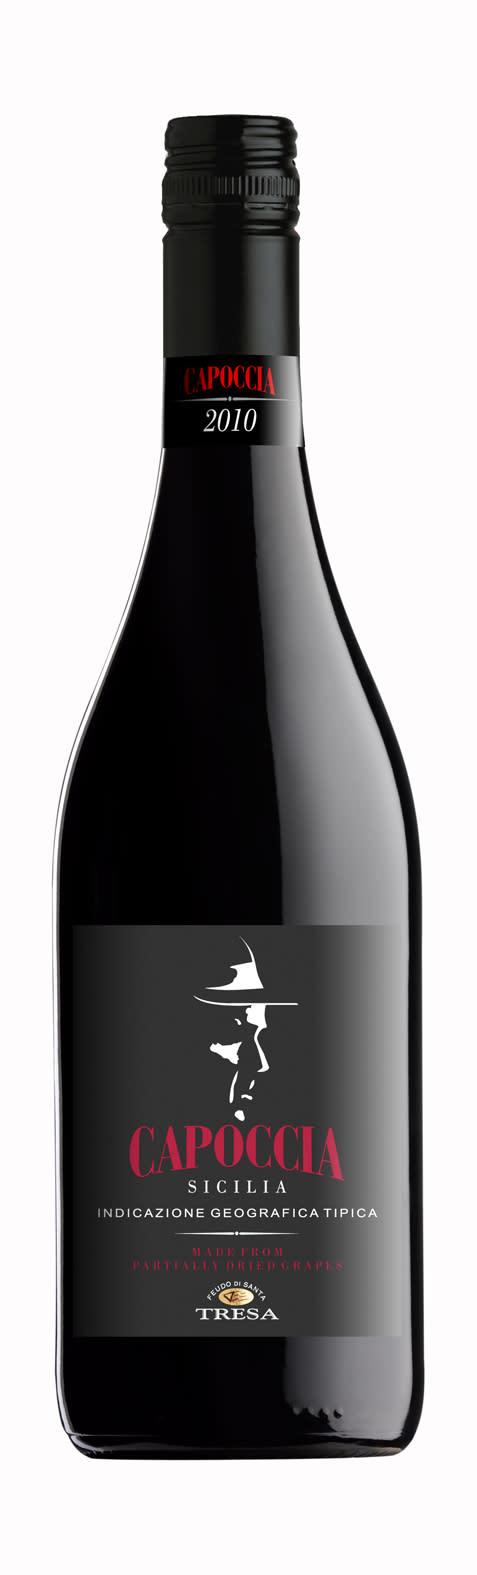 Santa Tresa Capoccia - nytt vin från Sicilien!